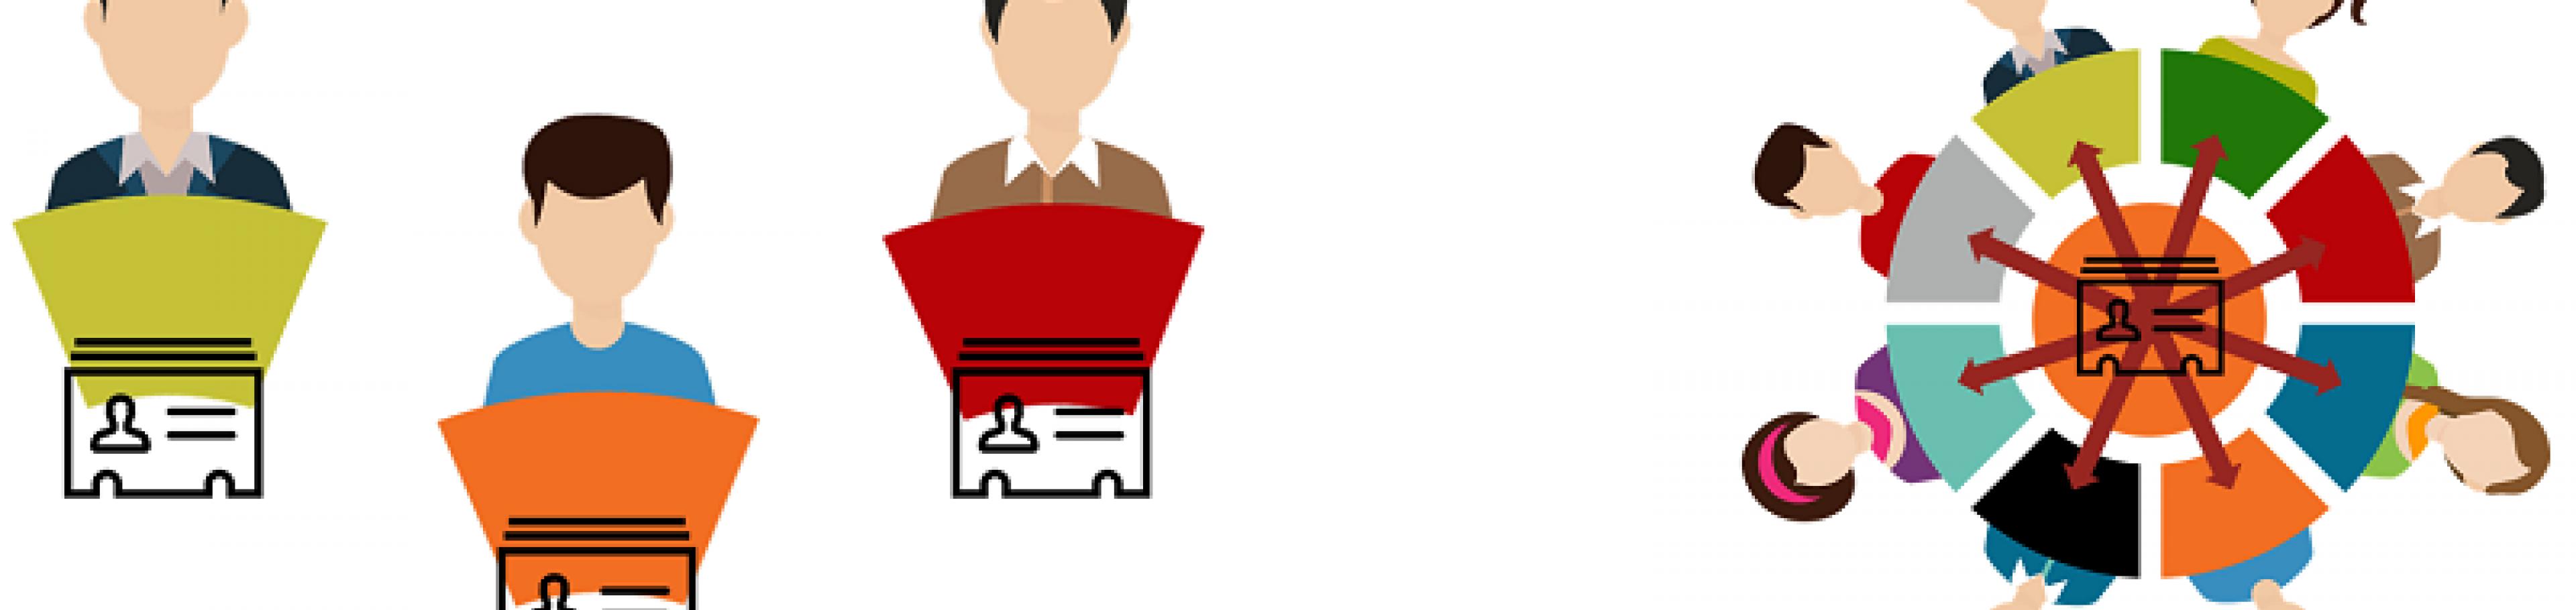 Abläufe im Callcenter beschleunigen: Verteilung Kontakte